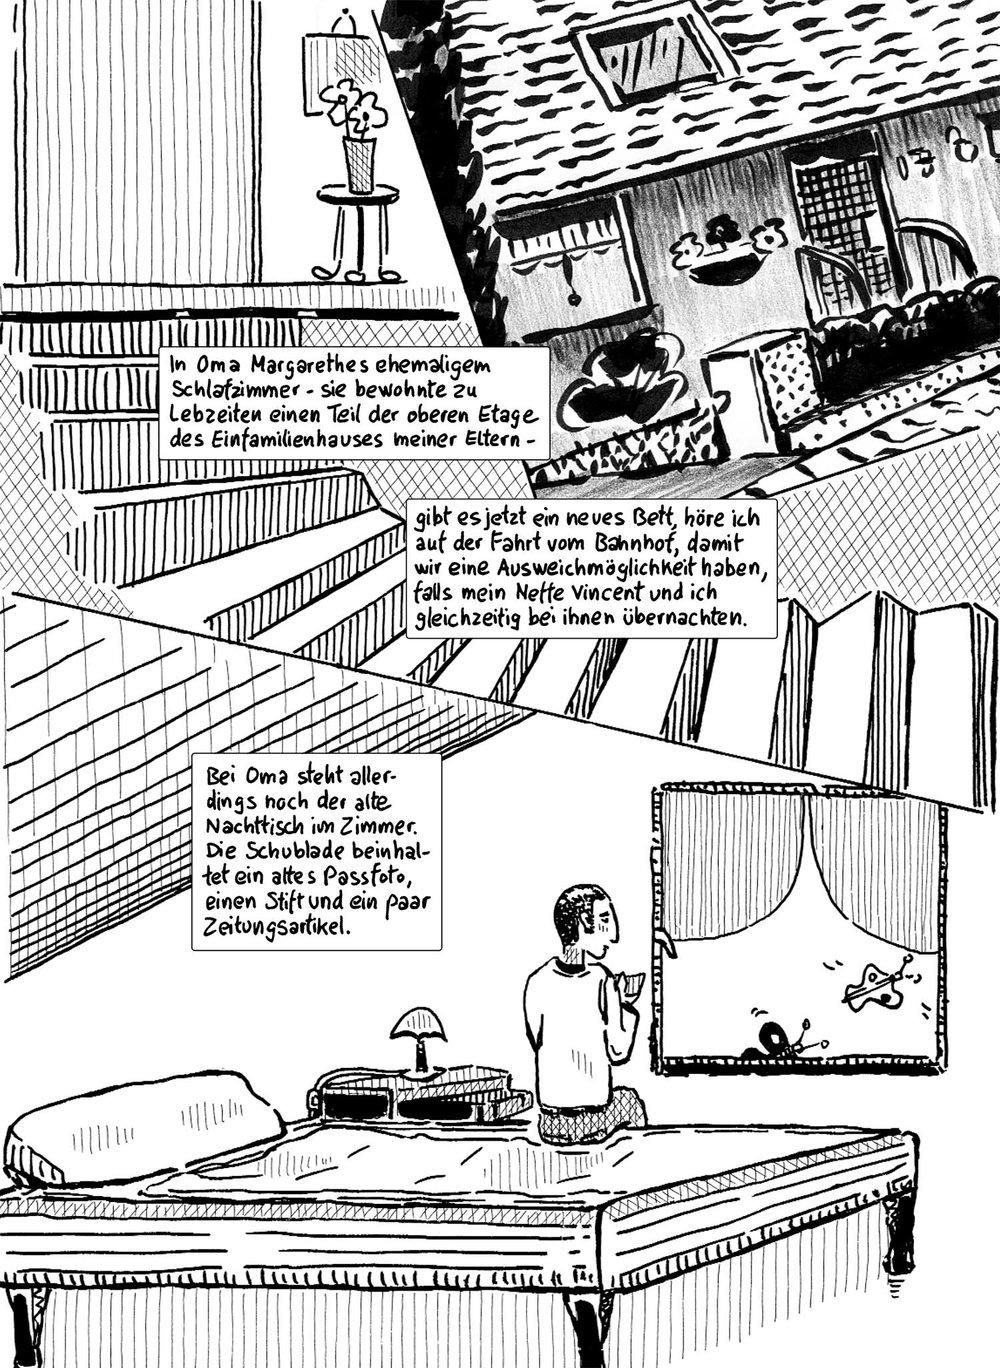 pdf_1-5-20 Kopie.jpg